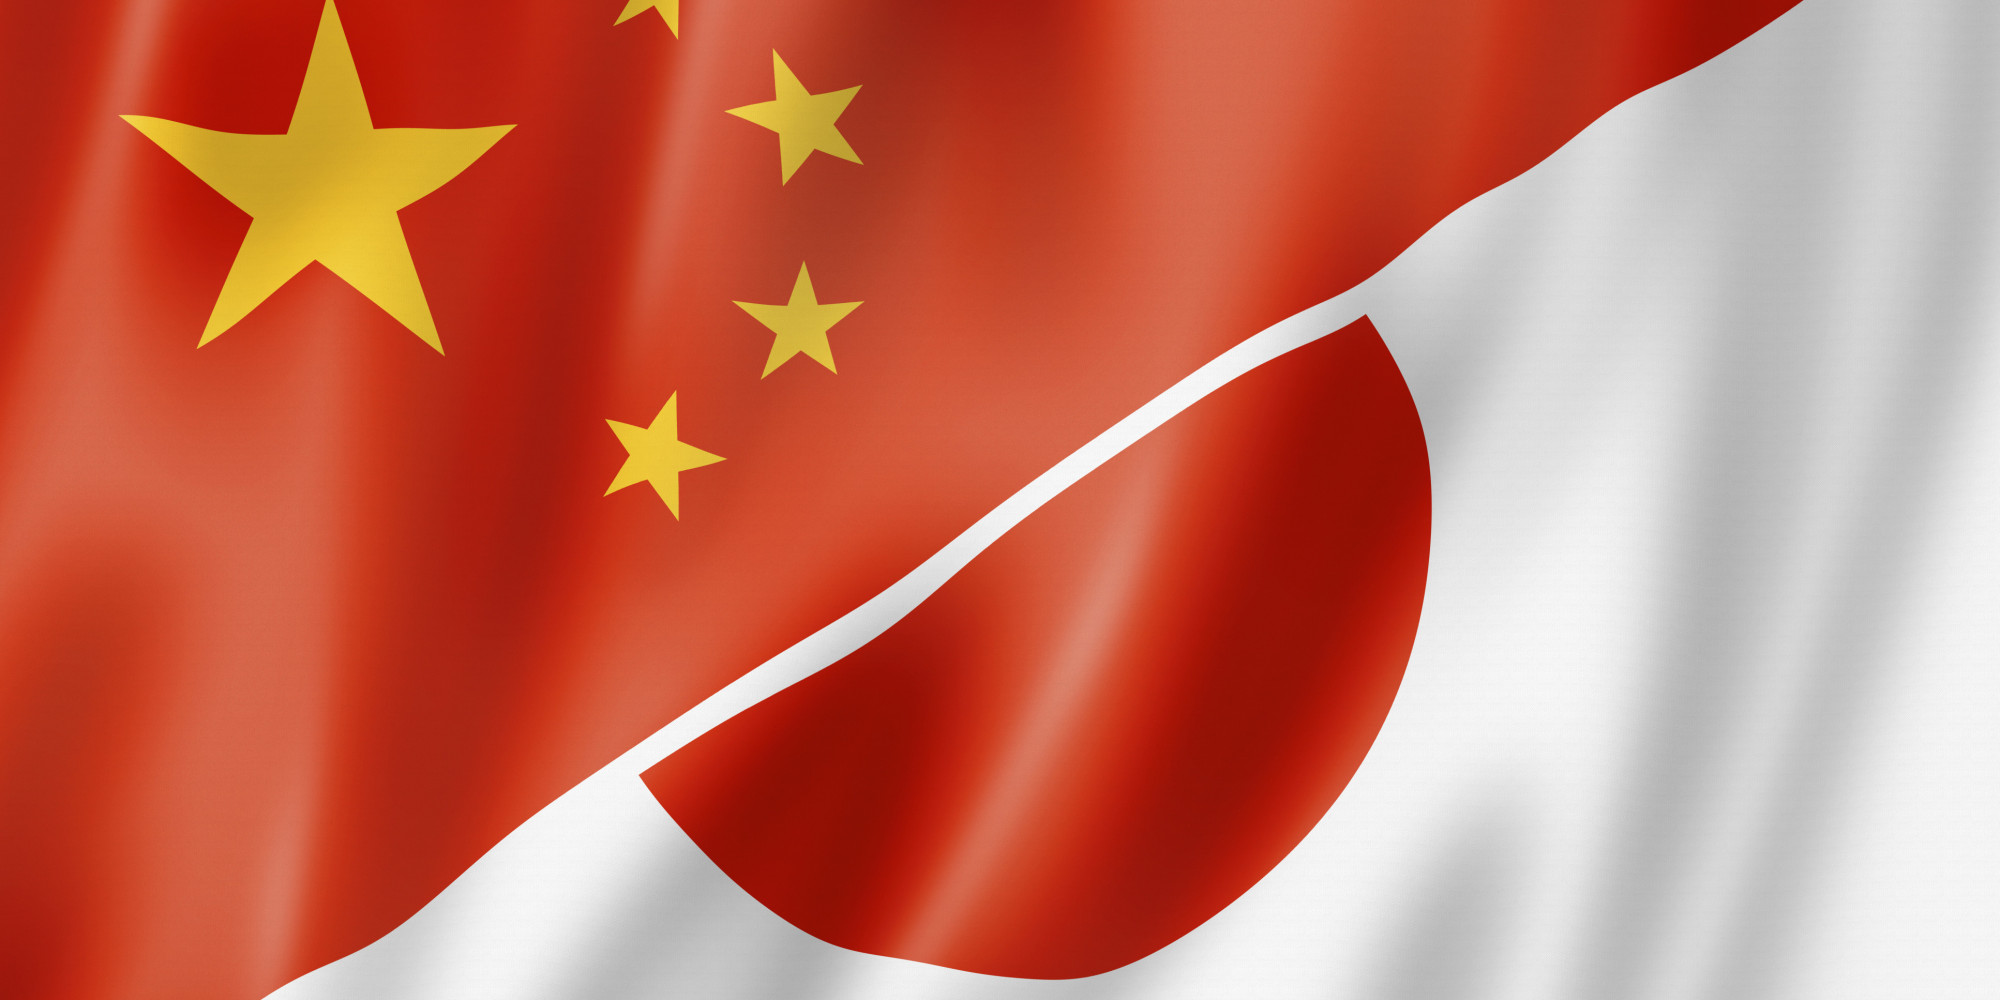 Risultati immagini per china japan